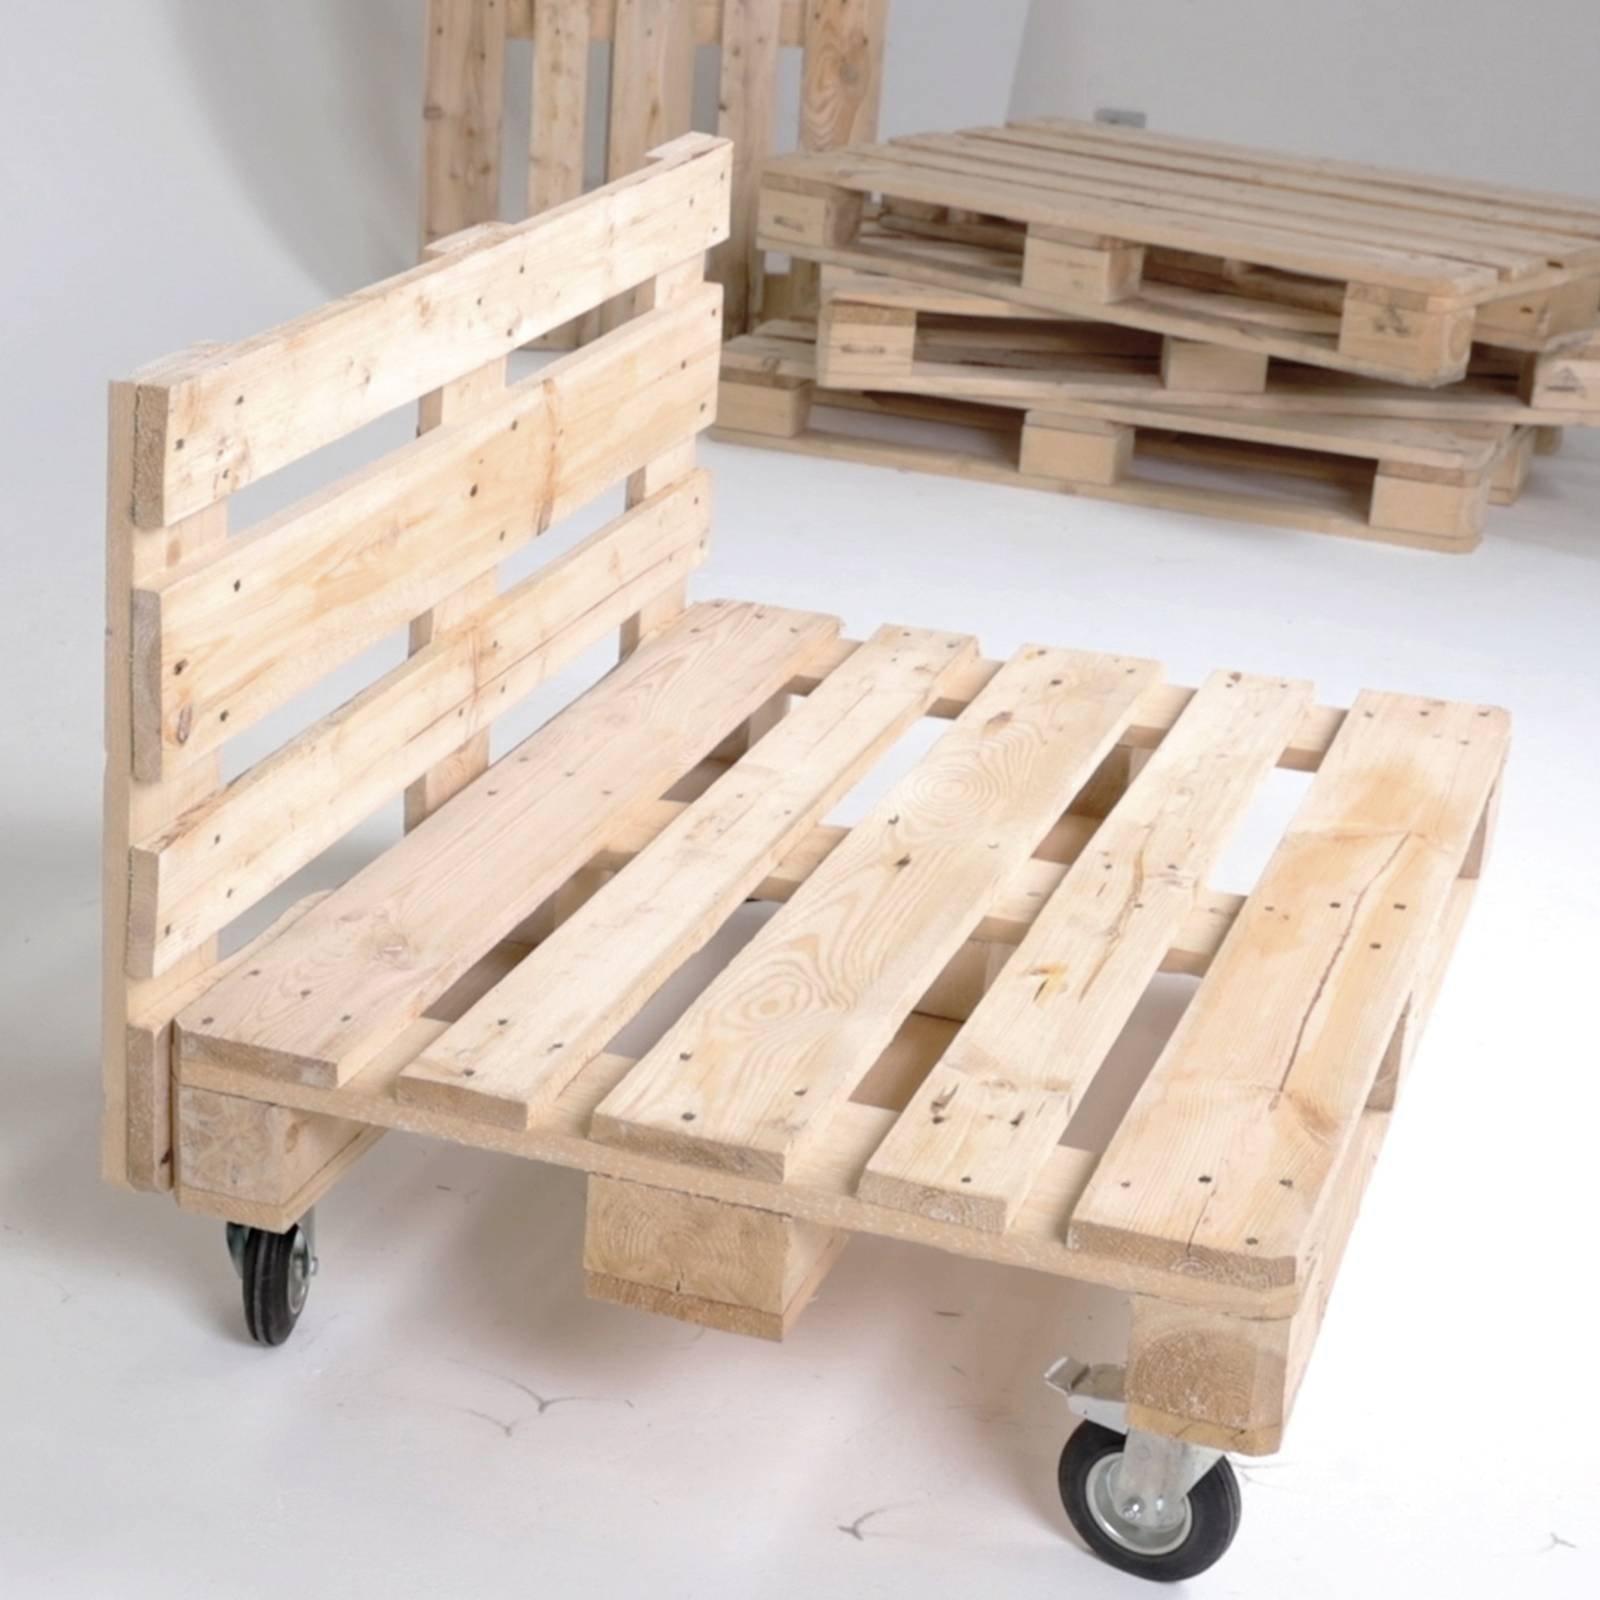 Come costruire un divano con i pallet cose di casa - Divano pallet istruzioni ...